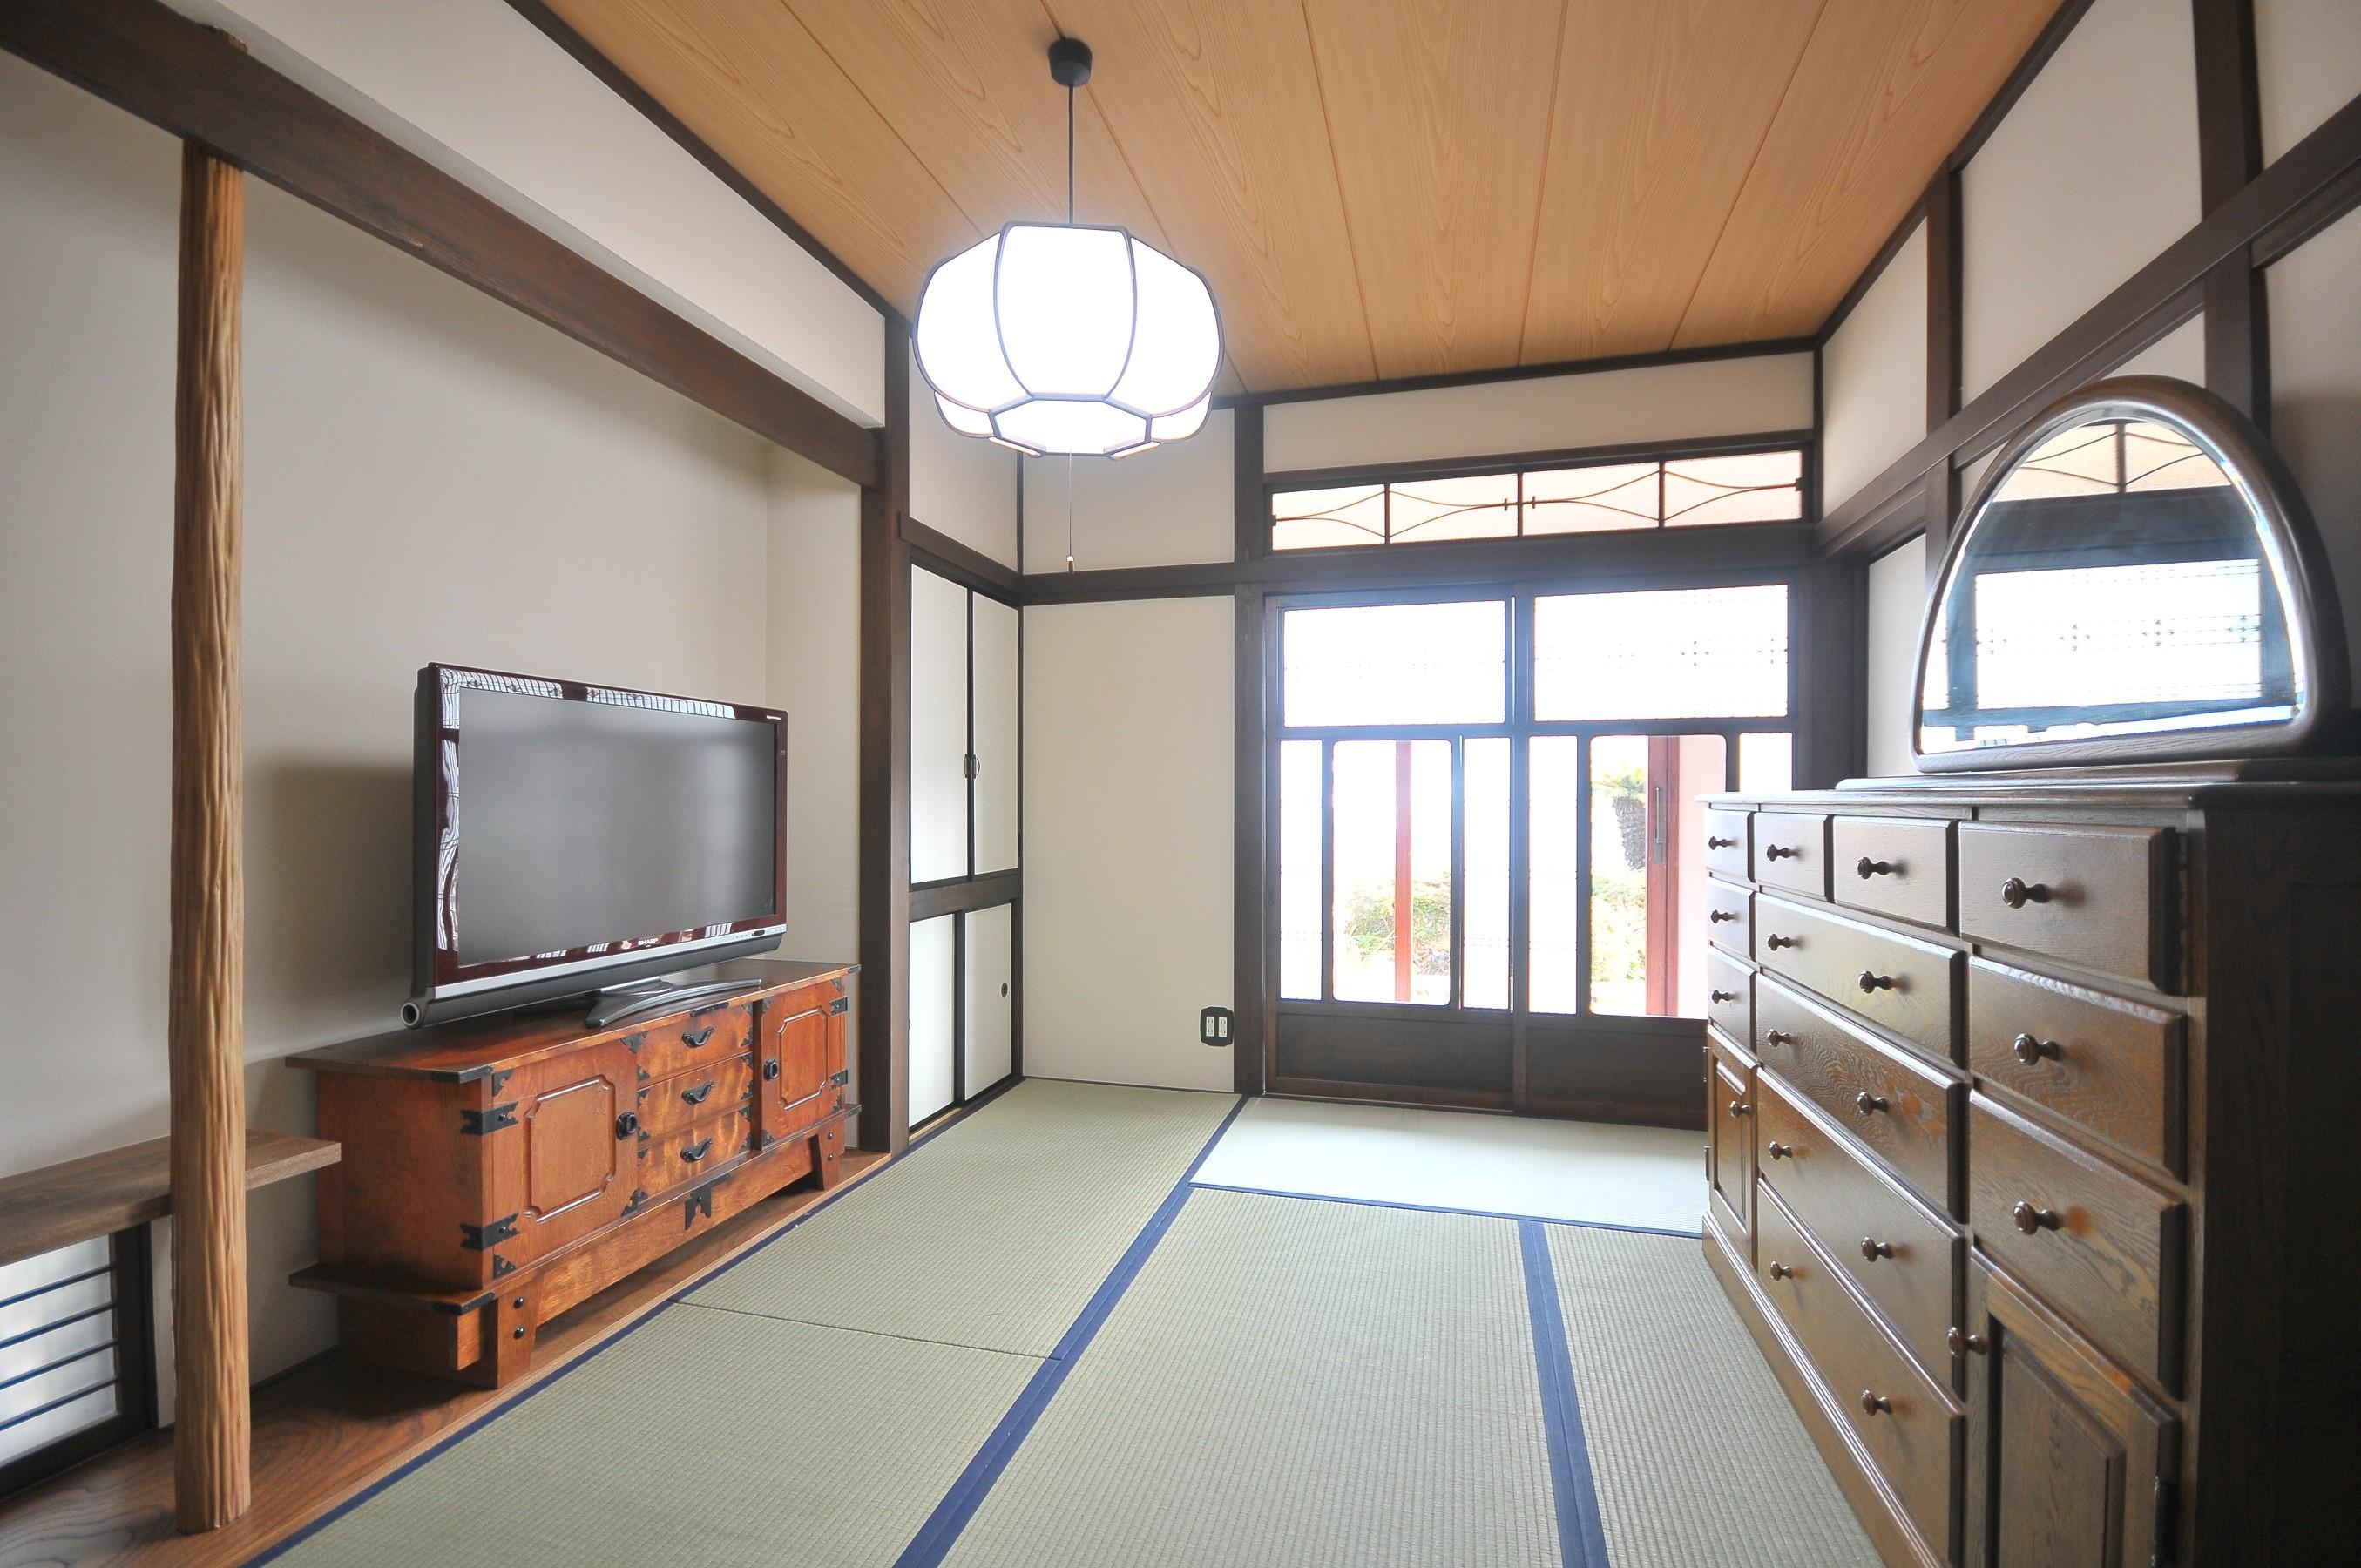 その他事例:和室(丘の上のアンティーク家具に囲まれたクラシカルの家)